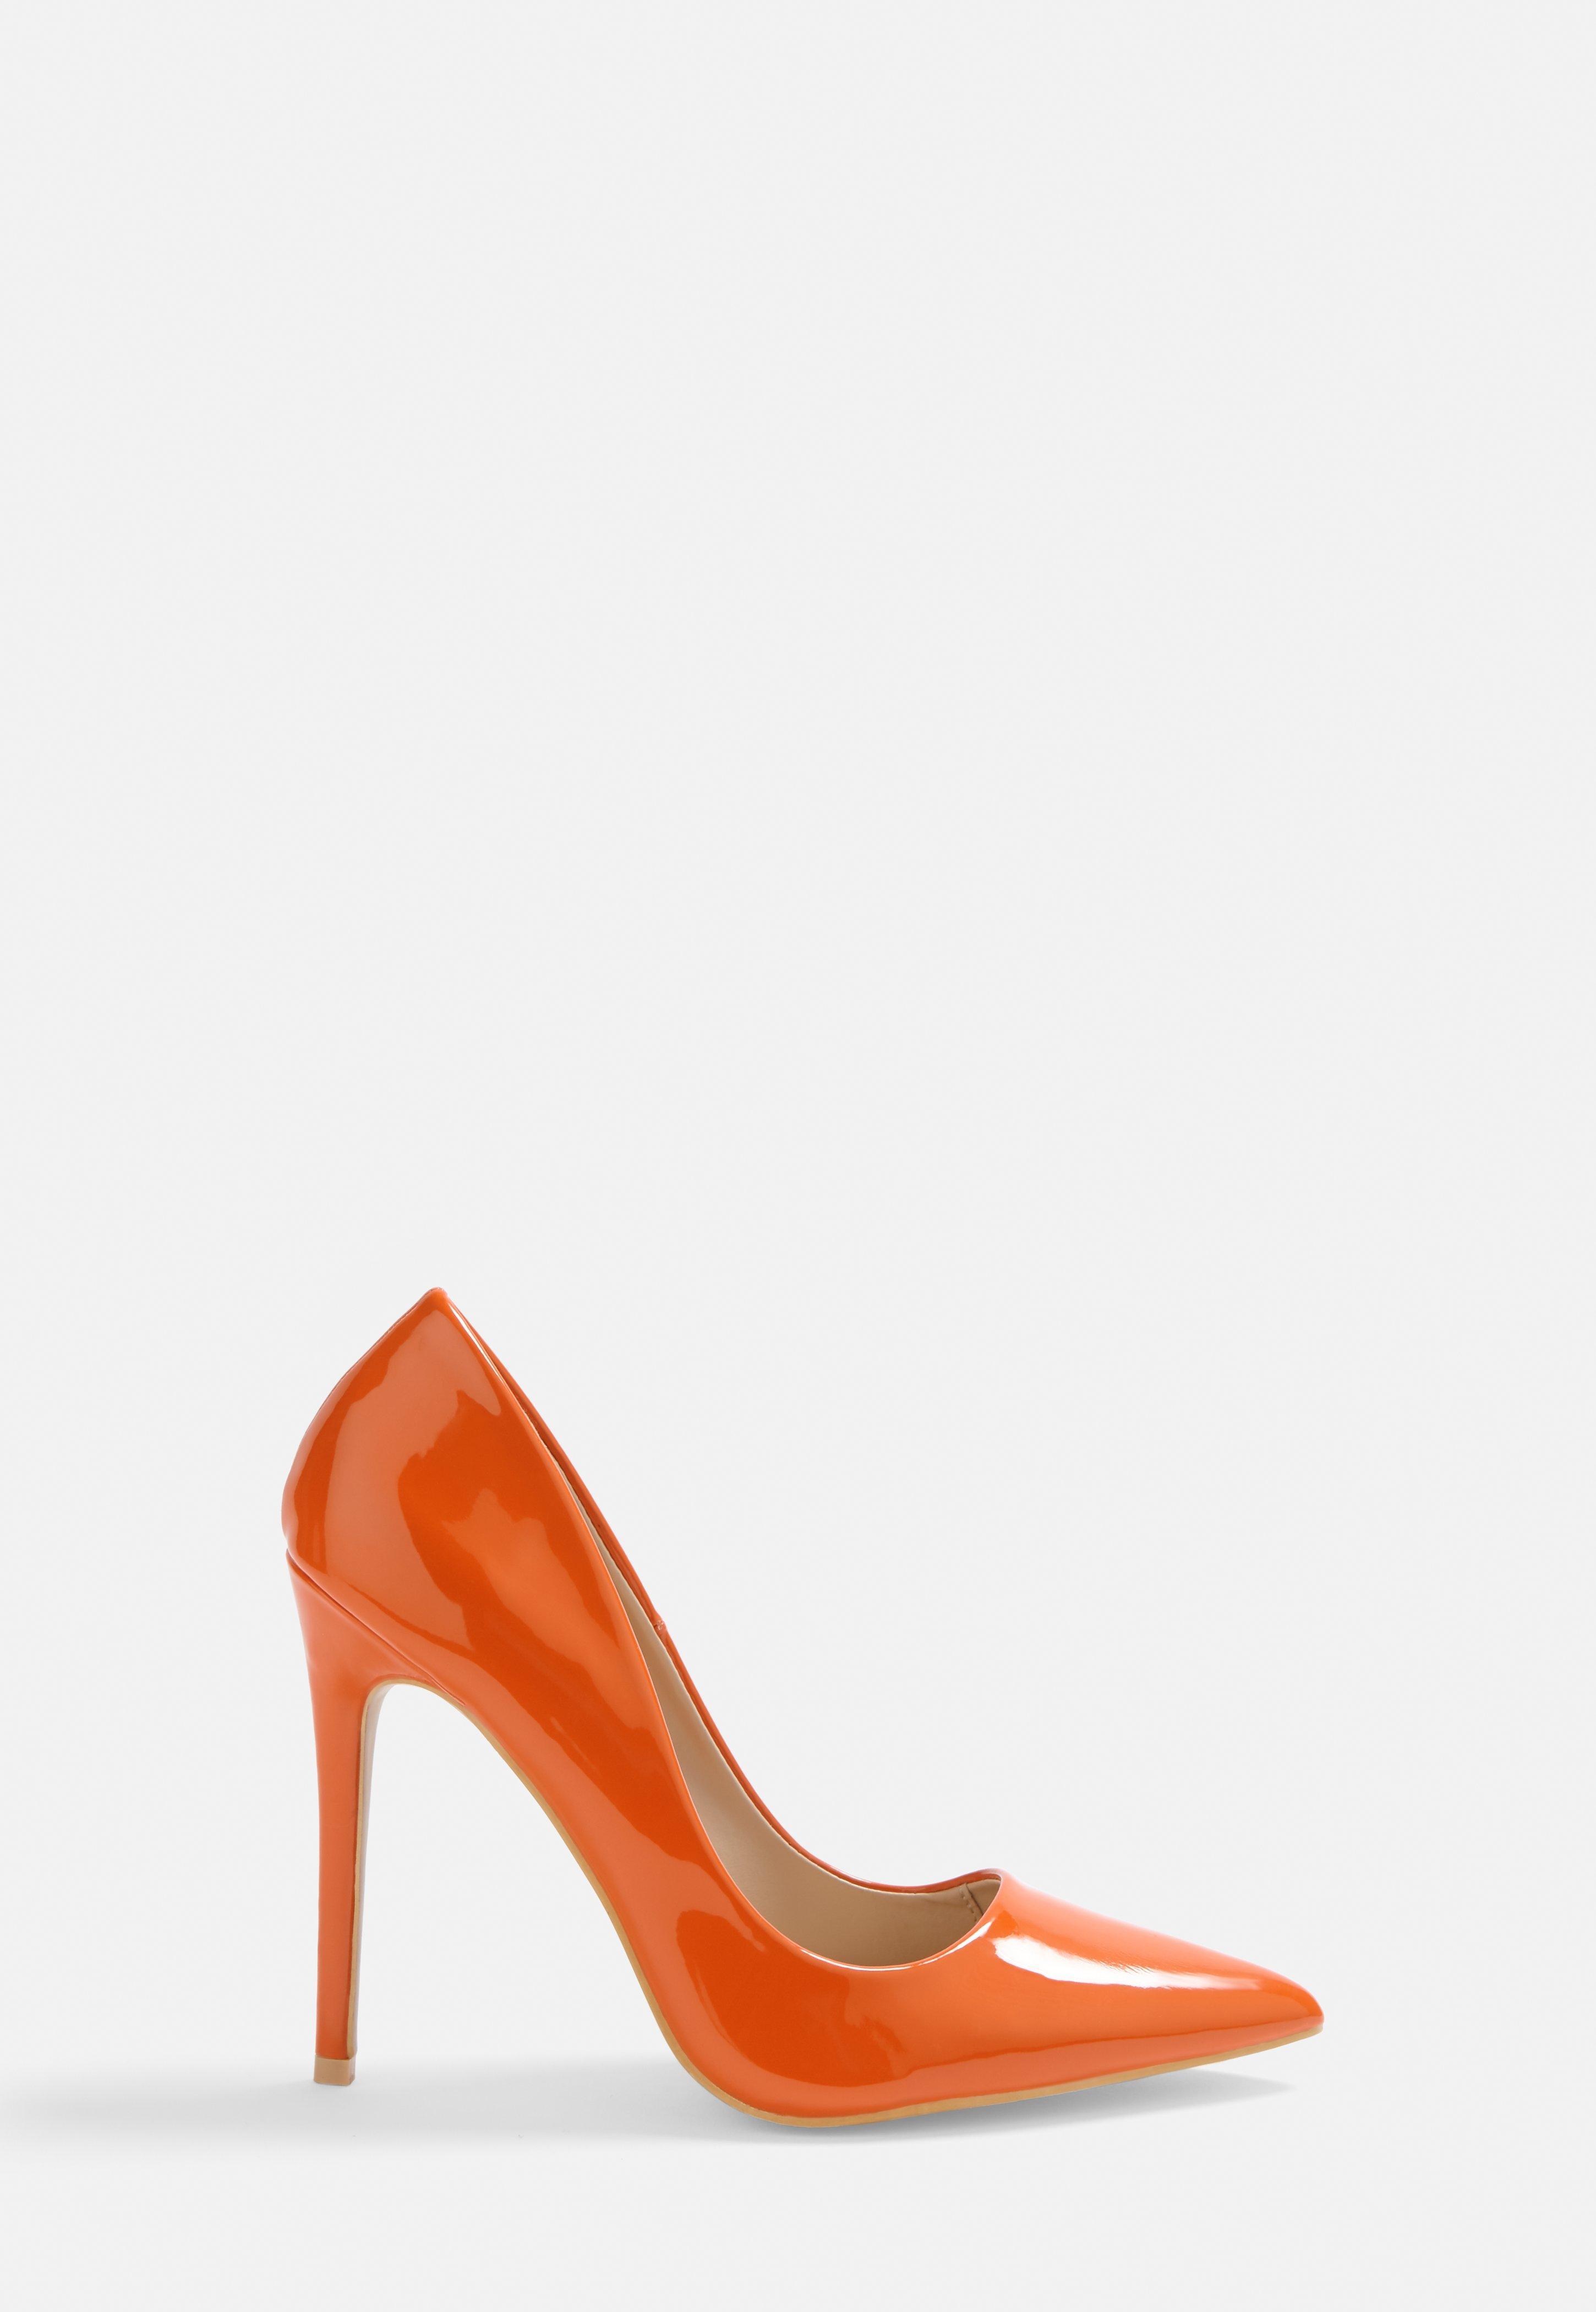 5e6d335658fd High Heels